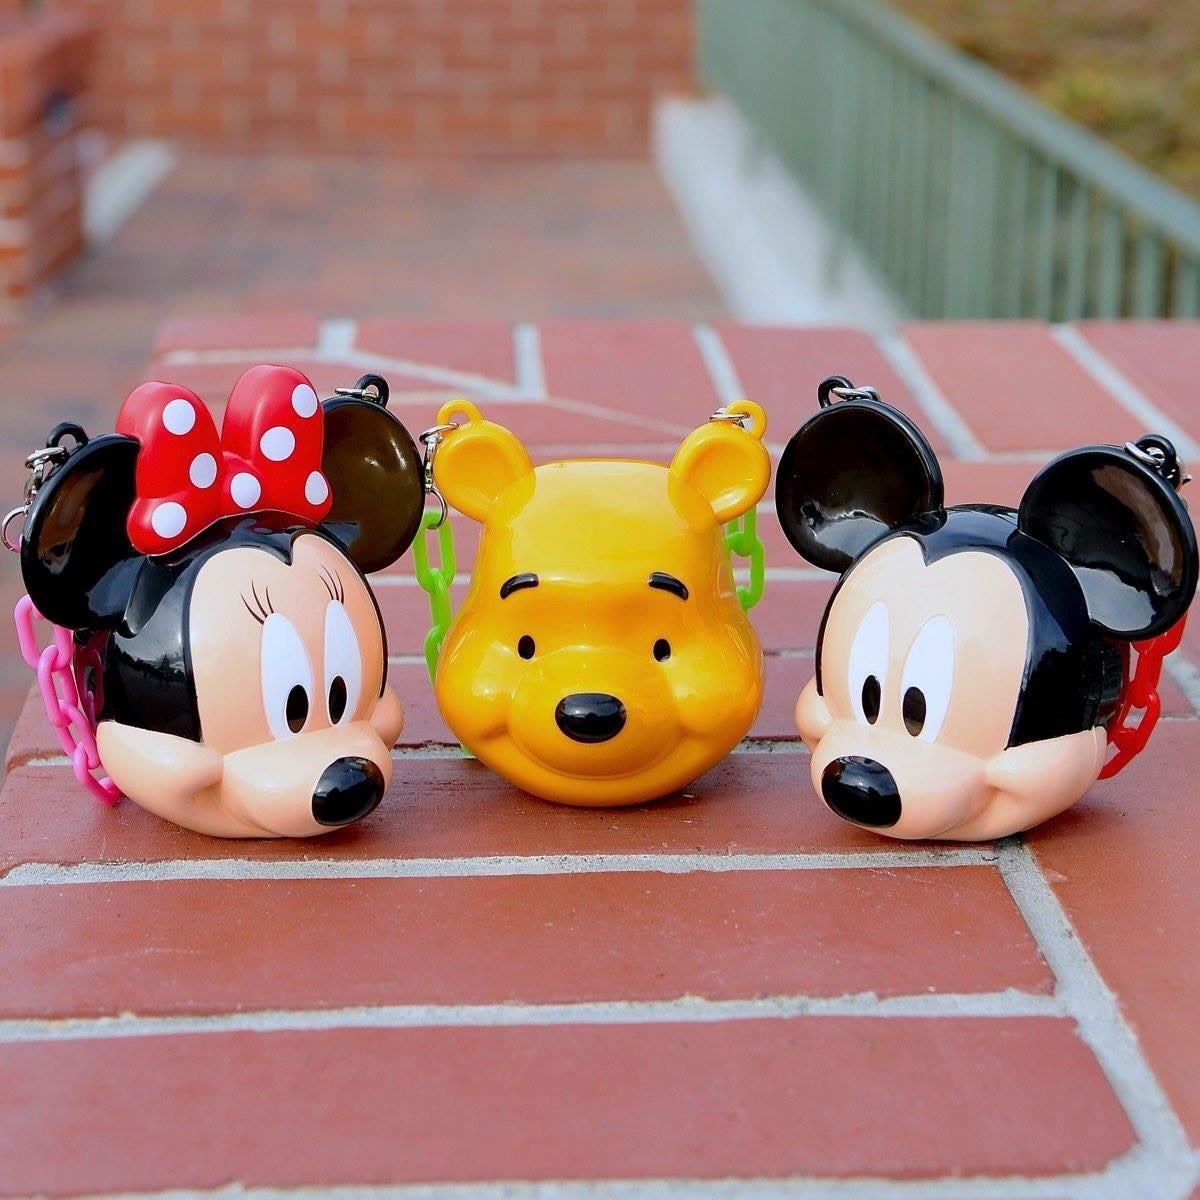 【真愛日本】樂園限定造型糖果罐-維尼/米奇/米妮 迪士尼 樂園限定 糖果罐 收納罐 日本帶回